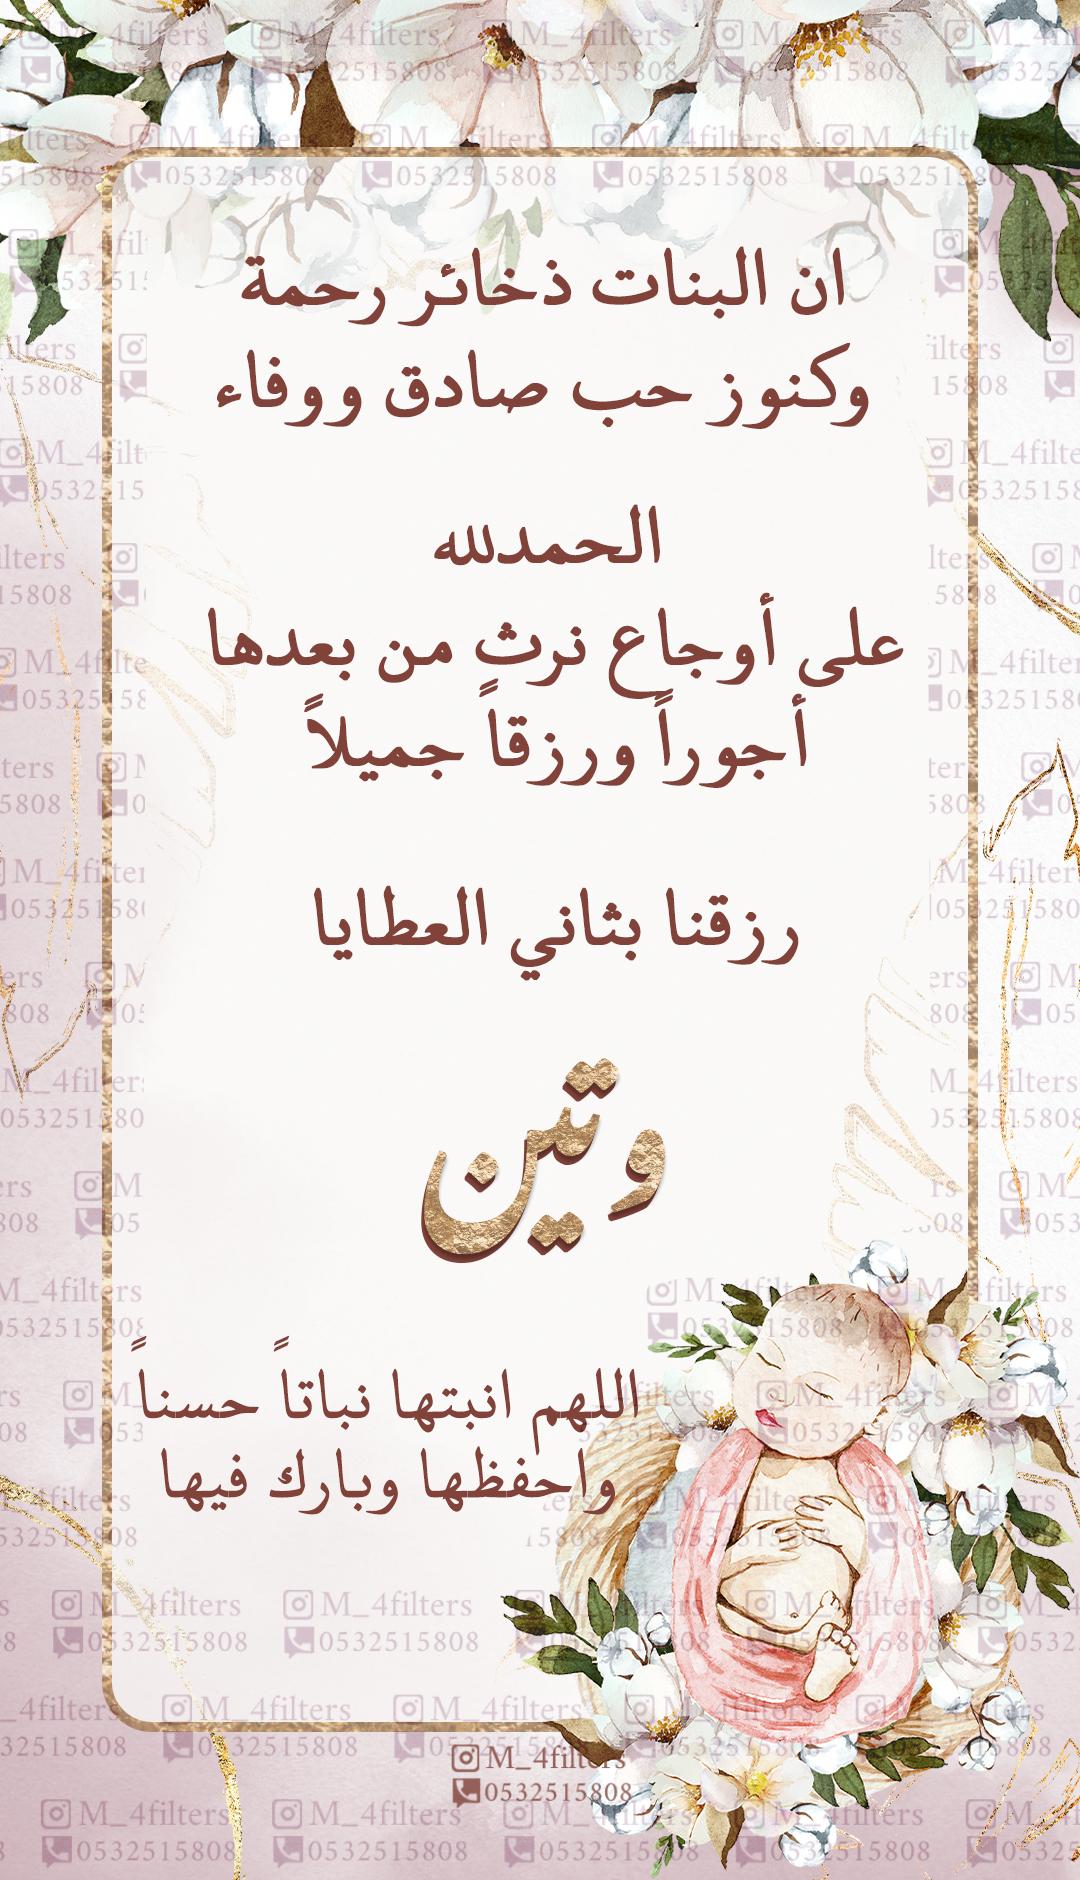 دعوة دعوة الكترونية باره مولود بشارة مولوده Baby Prints Baby Shower Invites For Girl Baby Painting